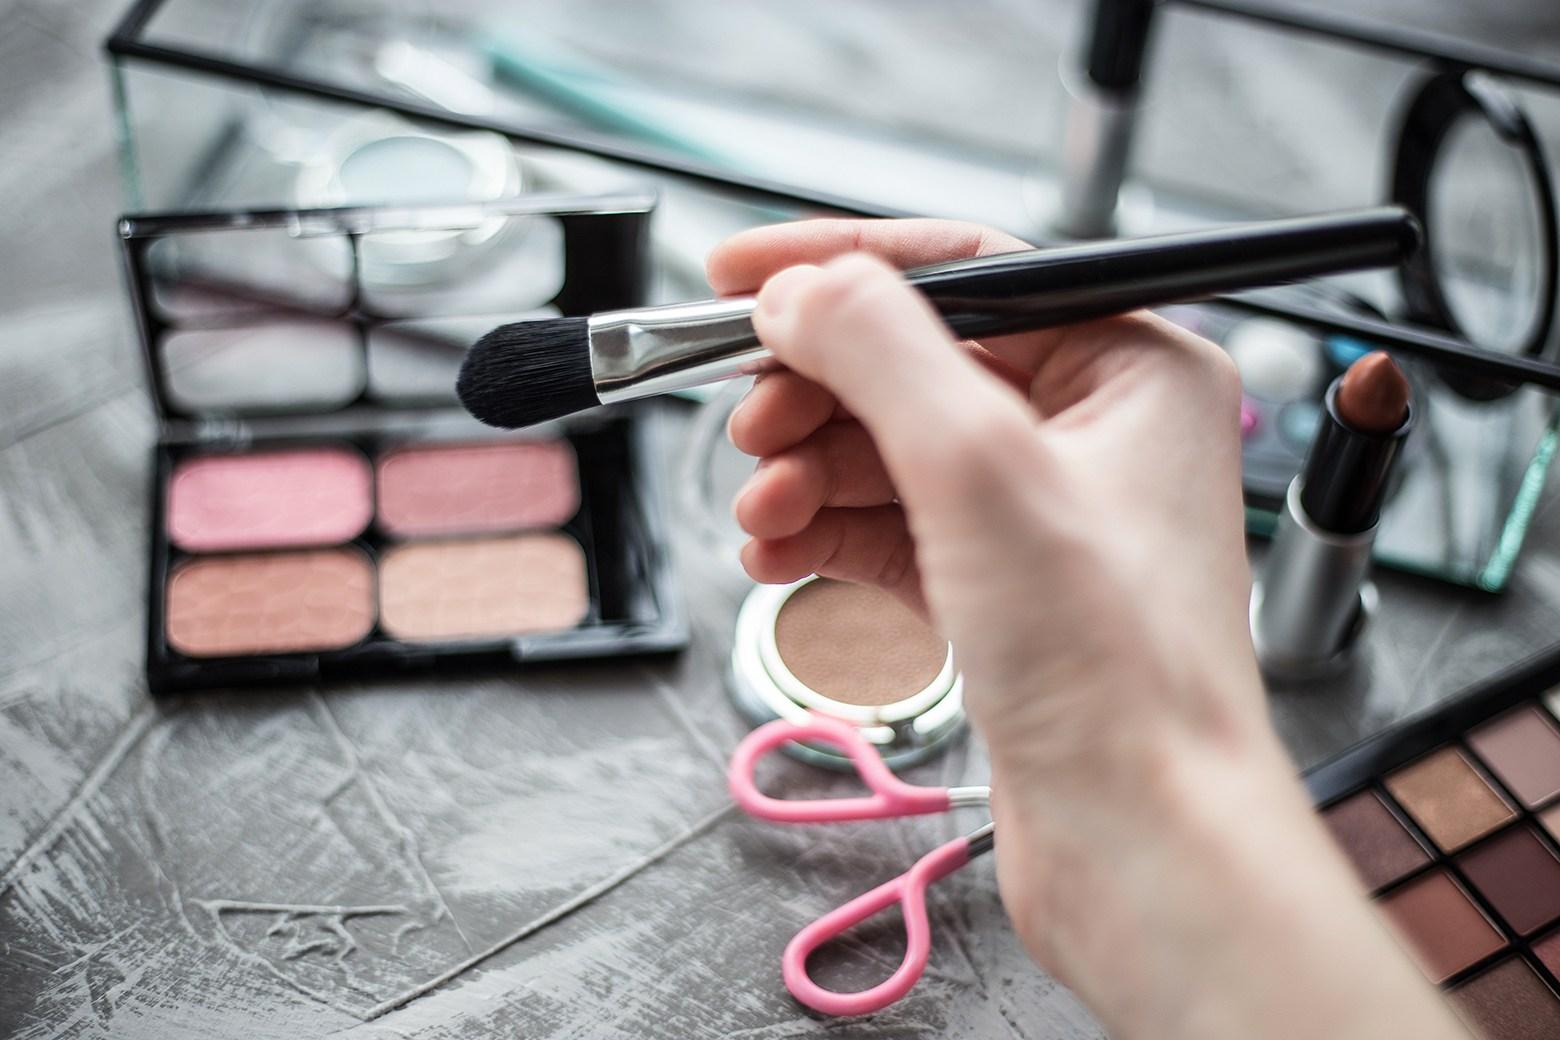 eyeshadow brushes1